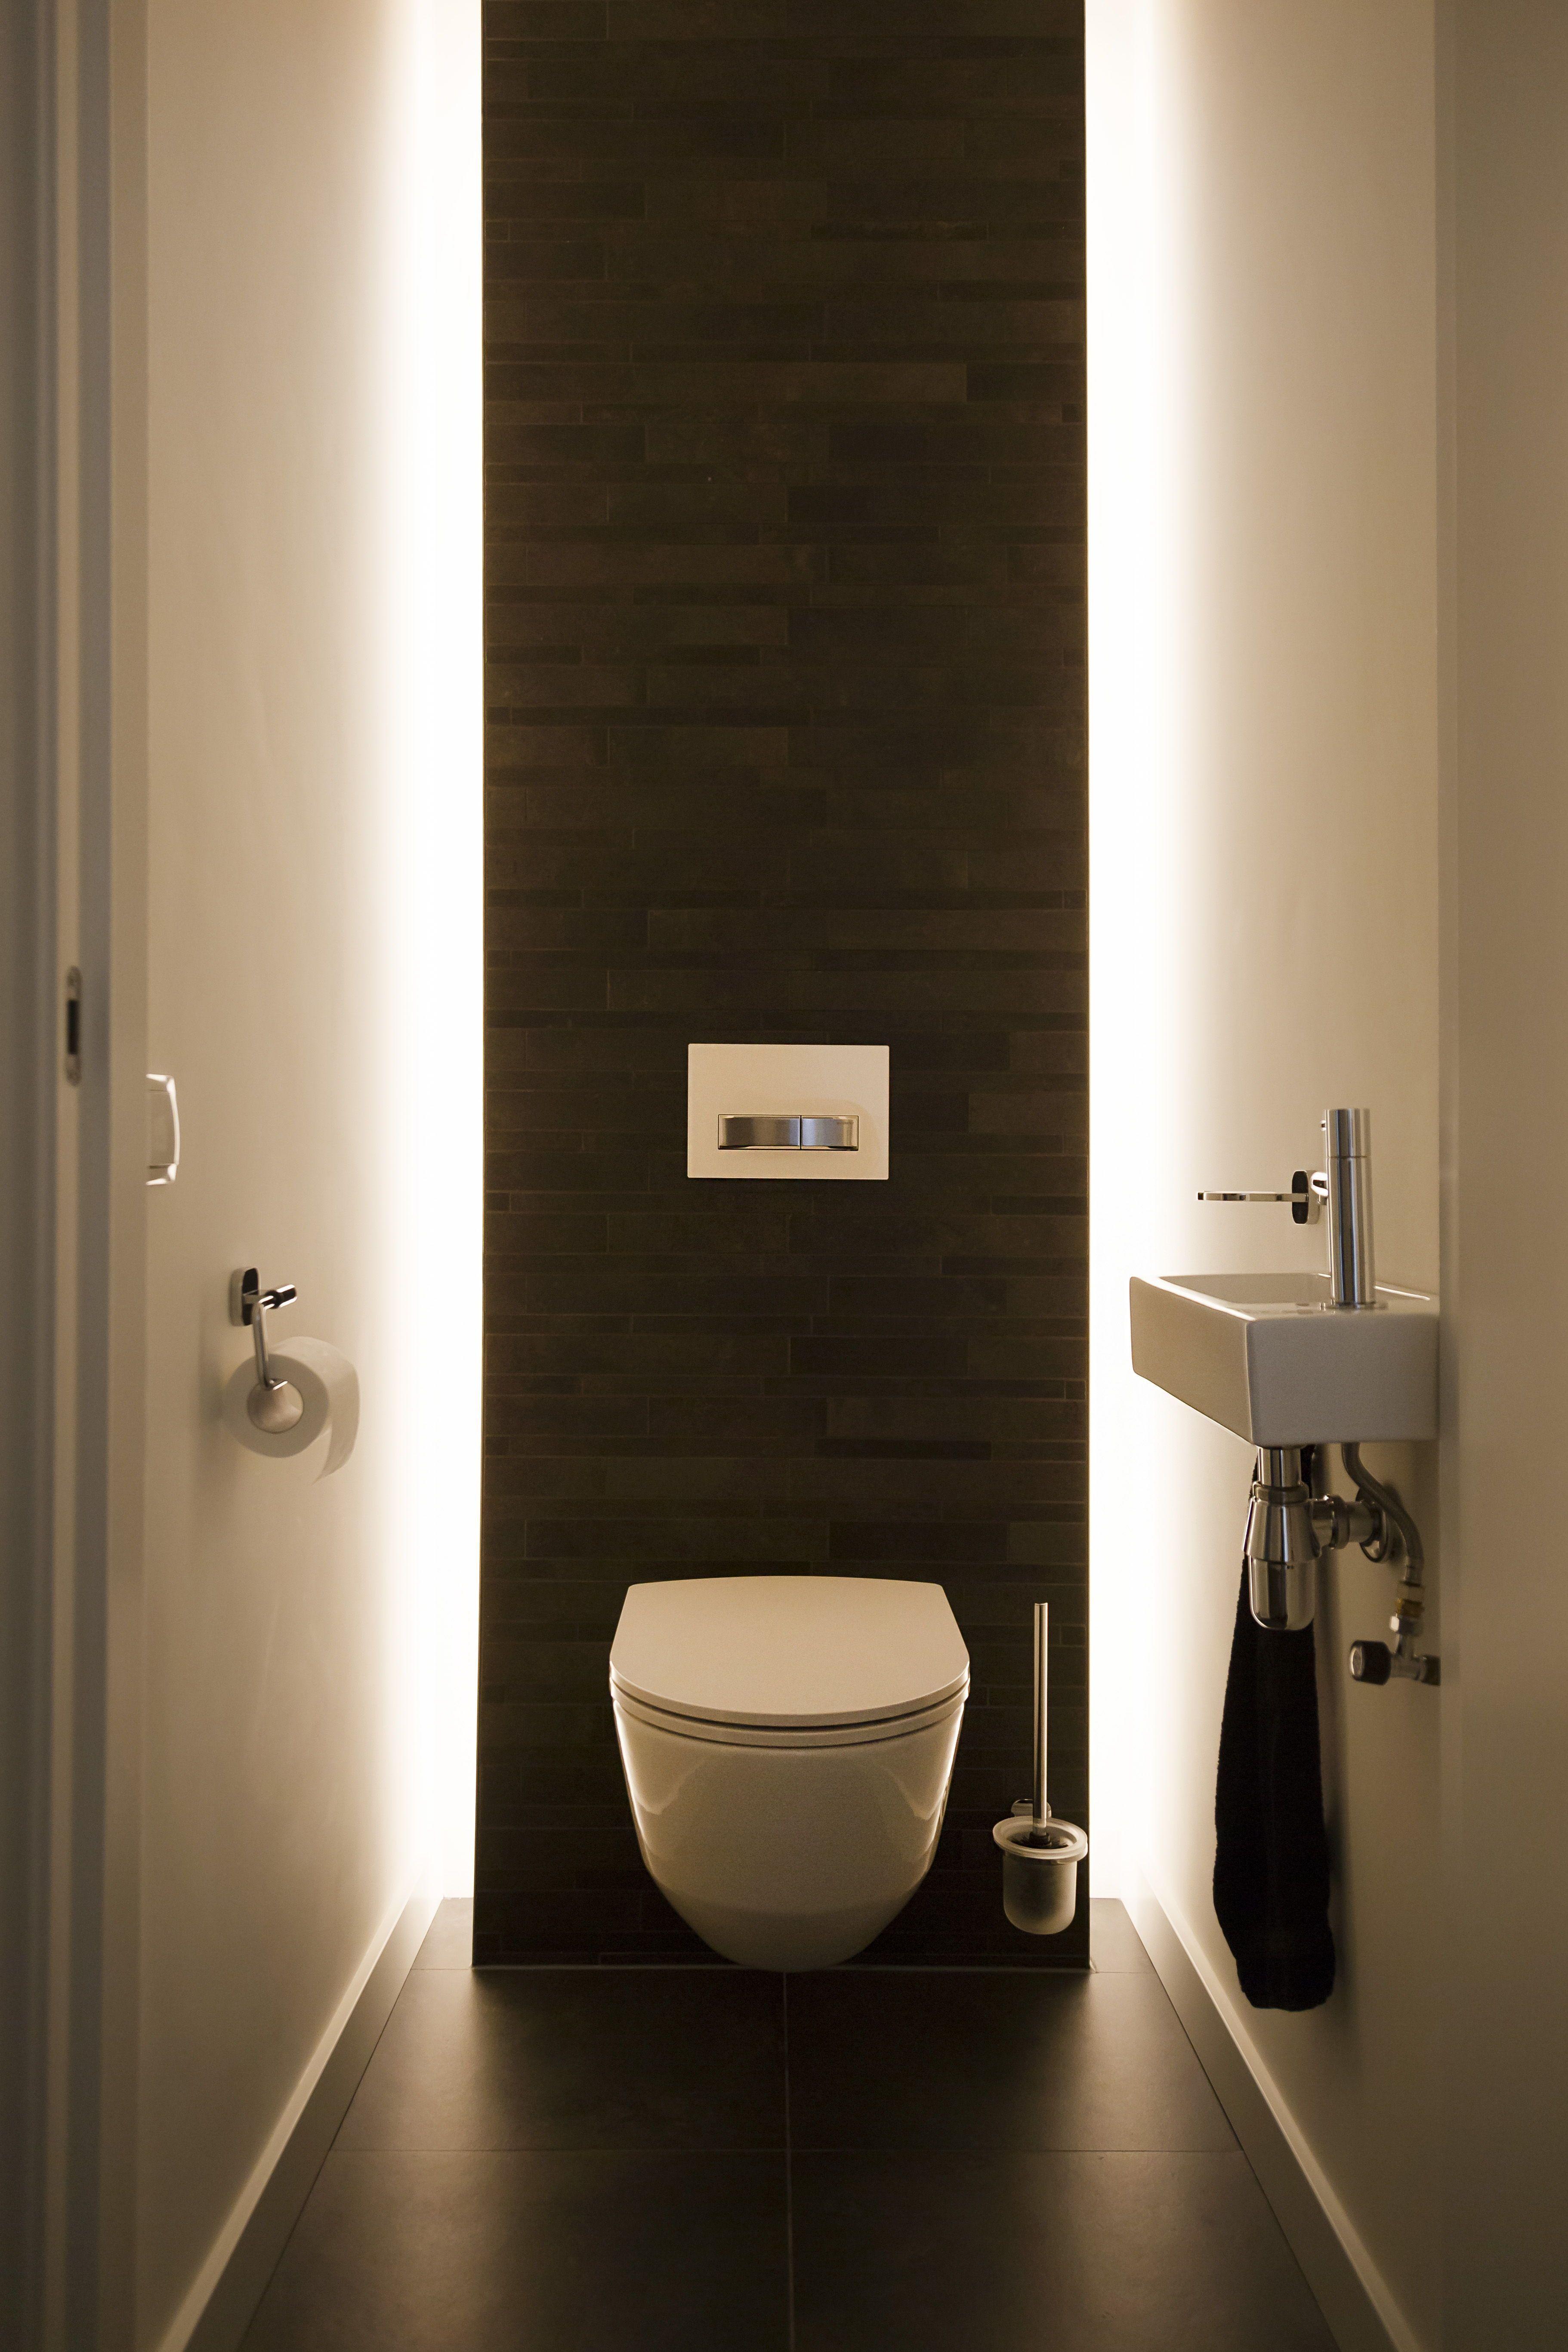 Home Decor Ideas Paint Ook De Wc Mag Stijlvol Zijn In Een Huis Het Versterkt Een Interieur Wanneer Elke Ru In 2020 Small Toilet Room Small Toilet Design Toilet Design